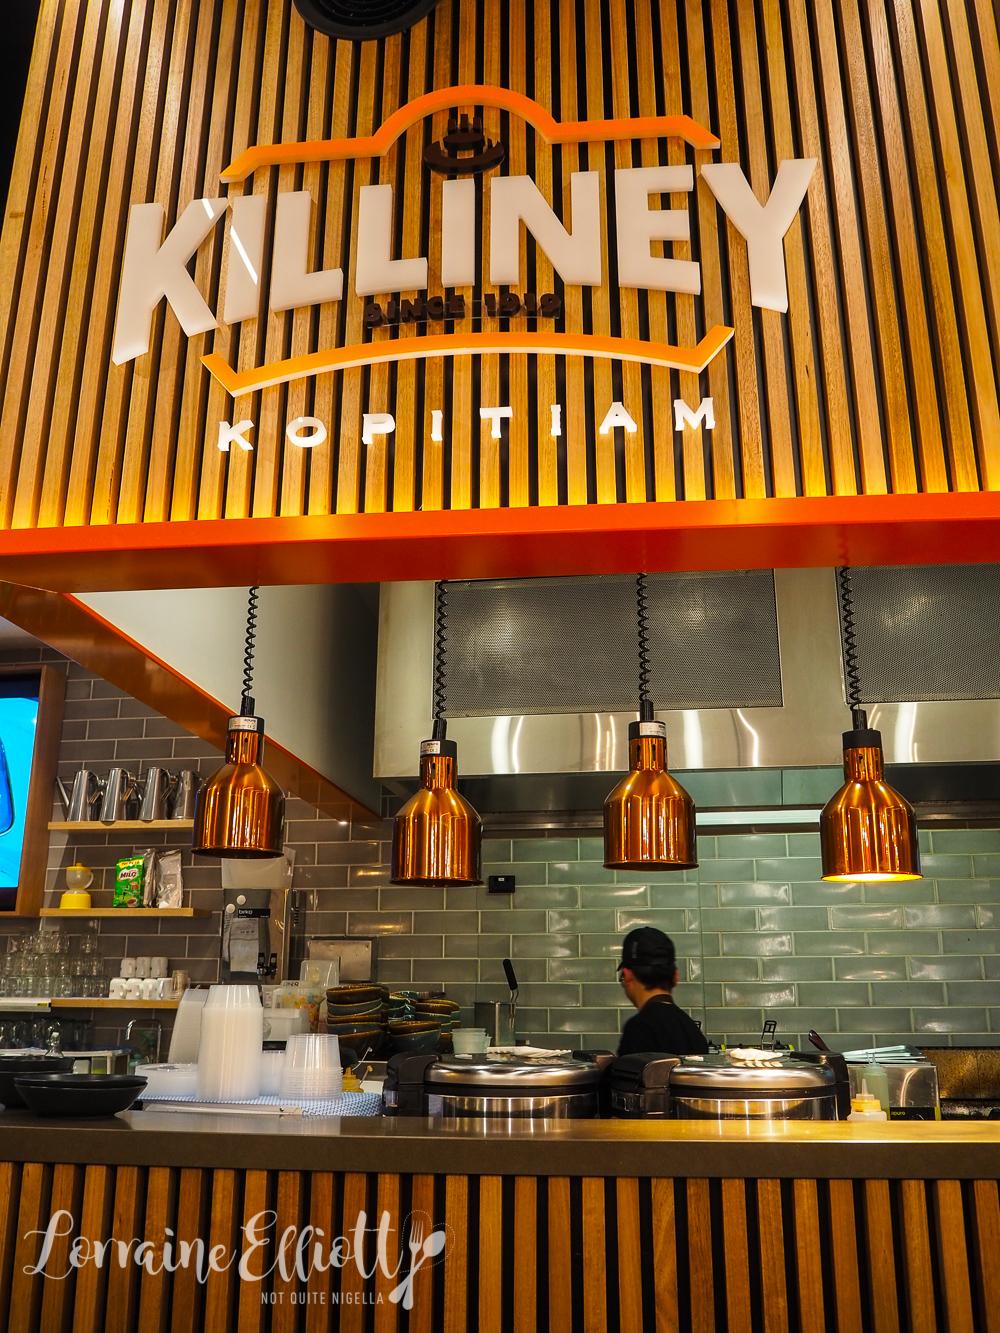 Killiney Kopitiam, Chippendale